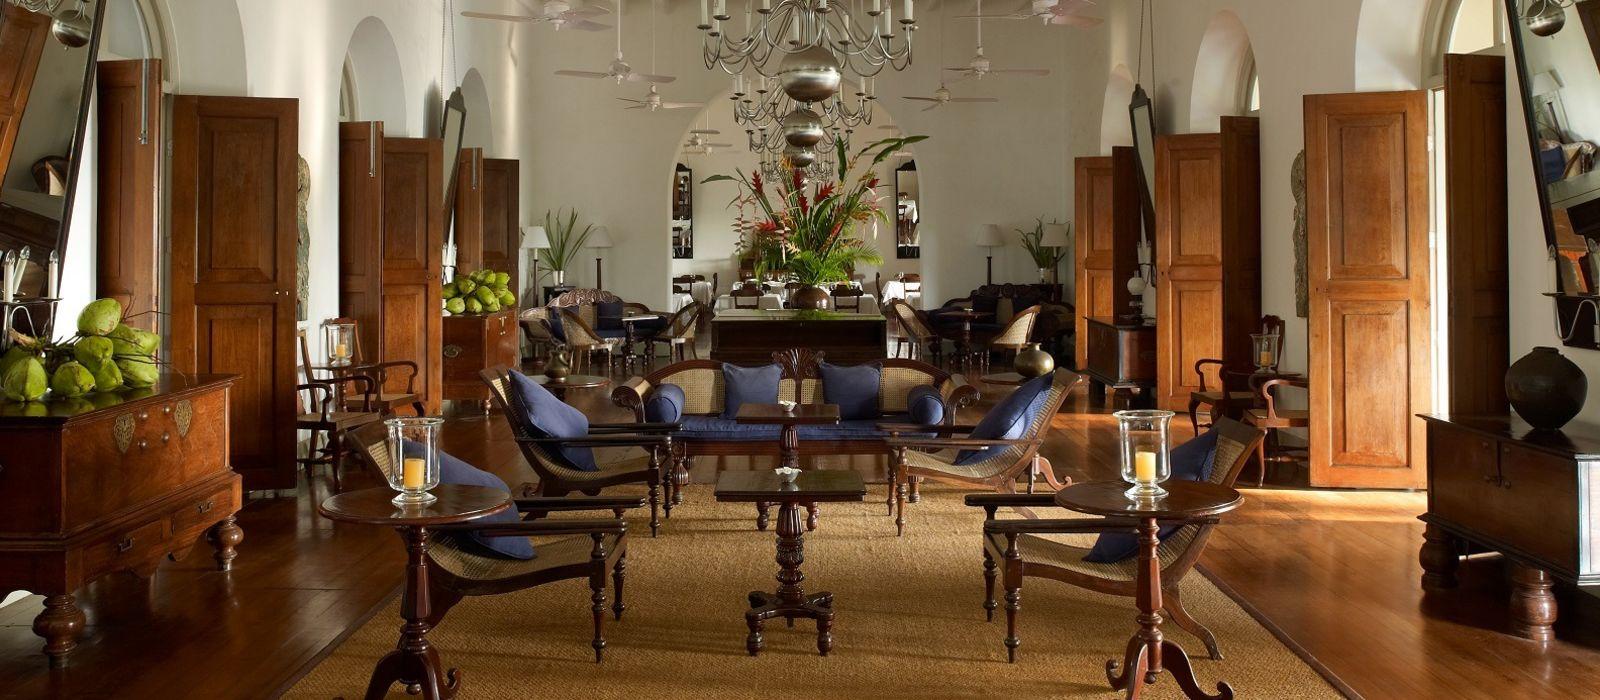 Hotel Amangalle Sri Lanka